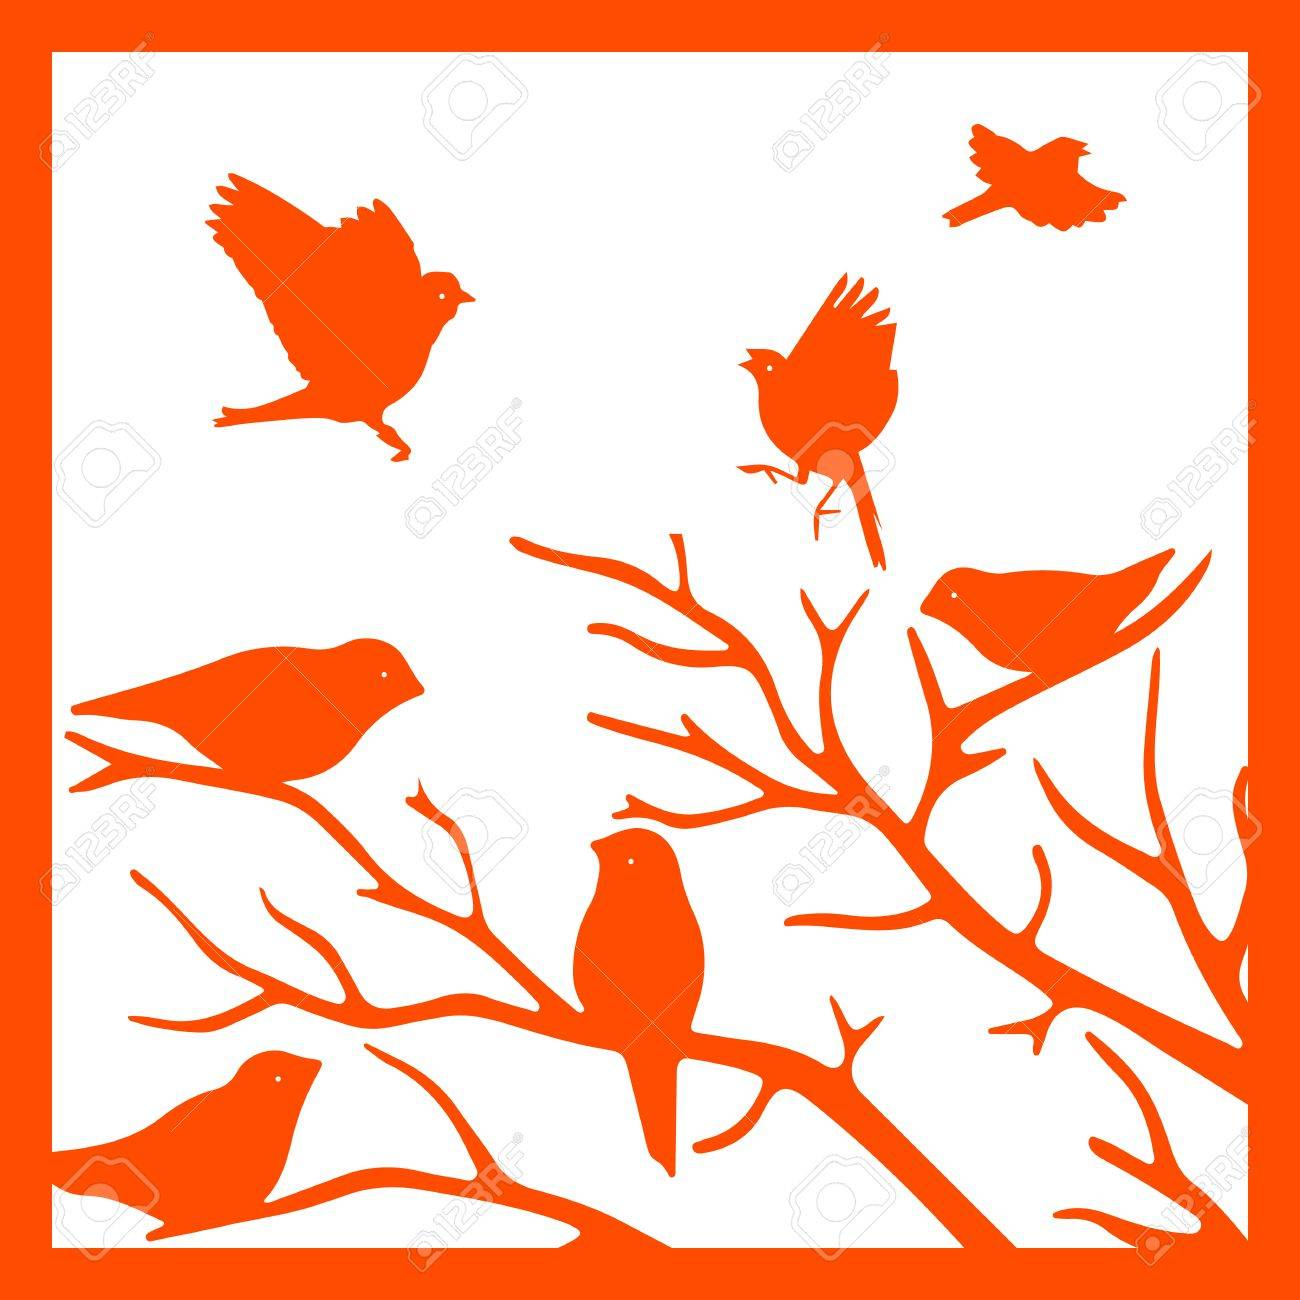 Orange Silhouette Im Rahmen, Vögel Auf Einem Zweig, Auf Einem Weißen ...